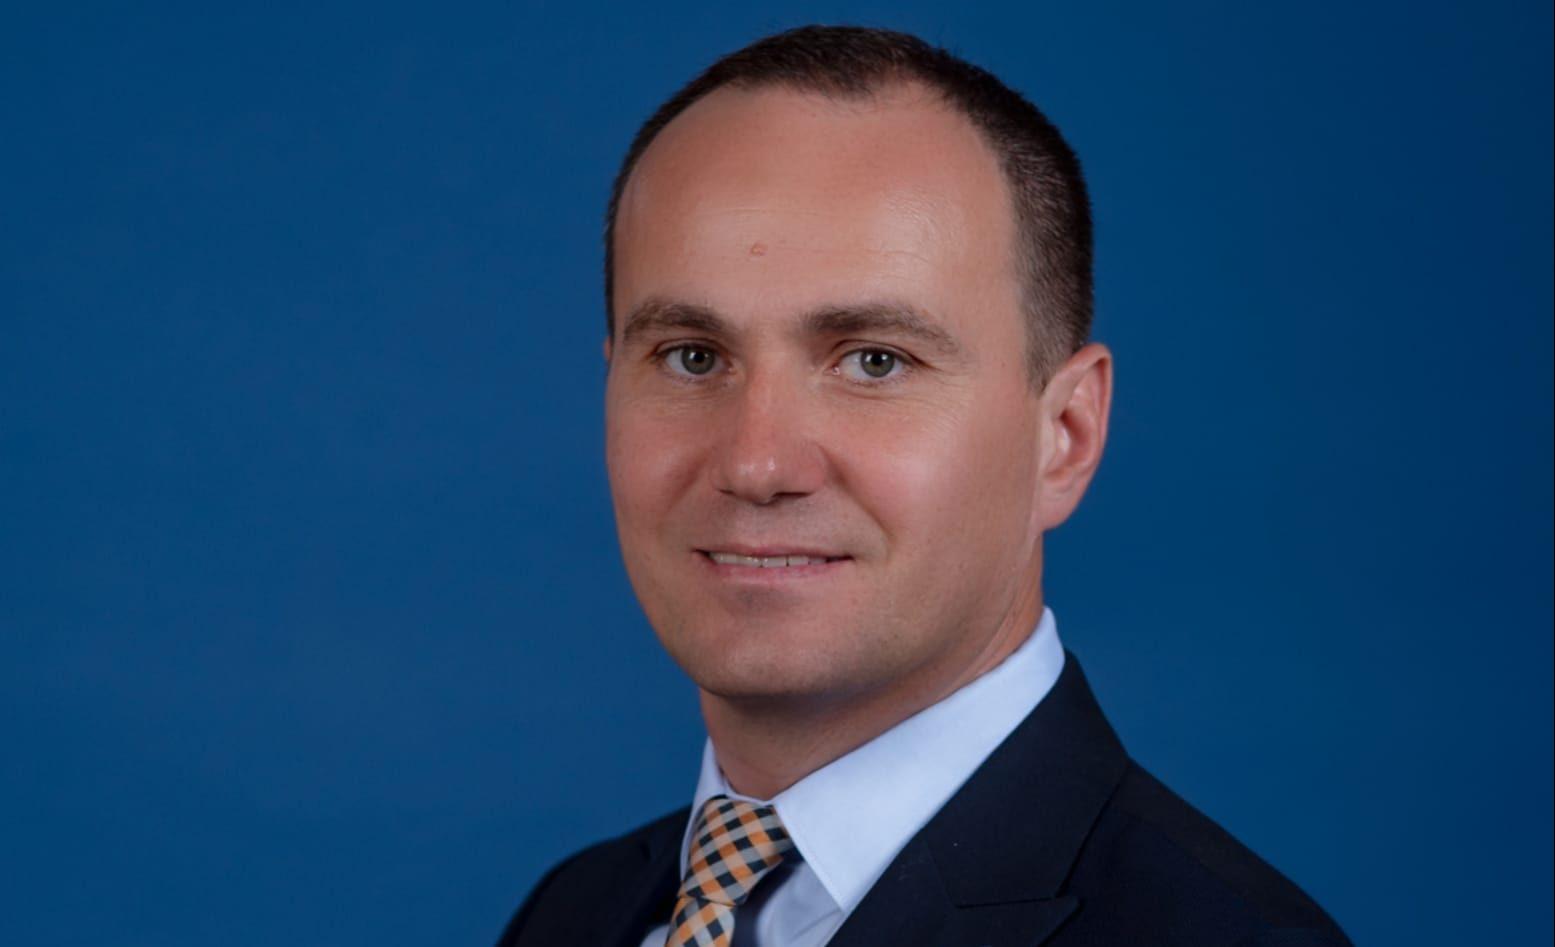 Aurelian Cotinescu, candidatul PNL la funcția de primar al Târgoviștei a anunțat că din toamnă se reia construcția locuințelor ANL de la Sagricom